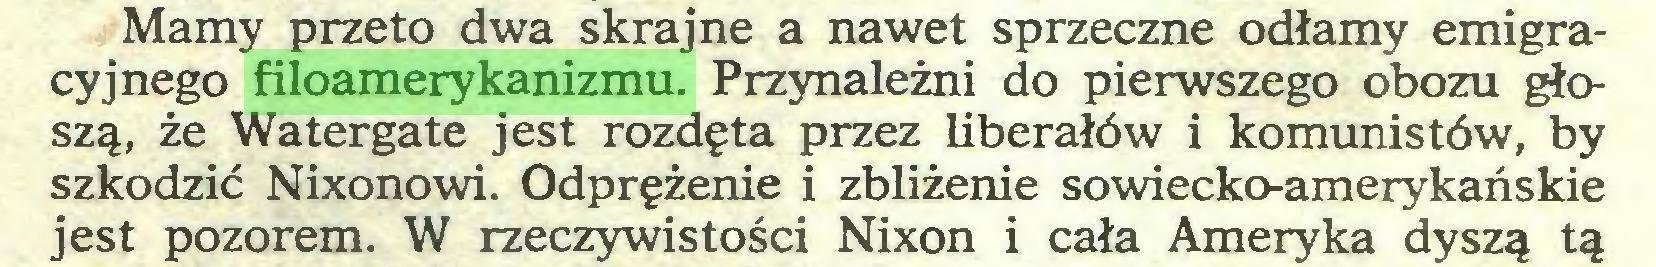 (...) Mamy przeto dwa skrajne a nawet sprzeczne odłamy emigracyjnego filoamerykanizmu. Przynależni do pierwszego obozu głoszą, że Watergate jest rozdęta przez liberałów i komunistów, by szkodzić Nixonowi. Odprężenie i zbliżenie sowiecko-amerykańskie jest pozorem. W rzeczywistości Nixon i cała Ameryka dyszą tą...